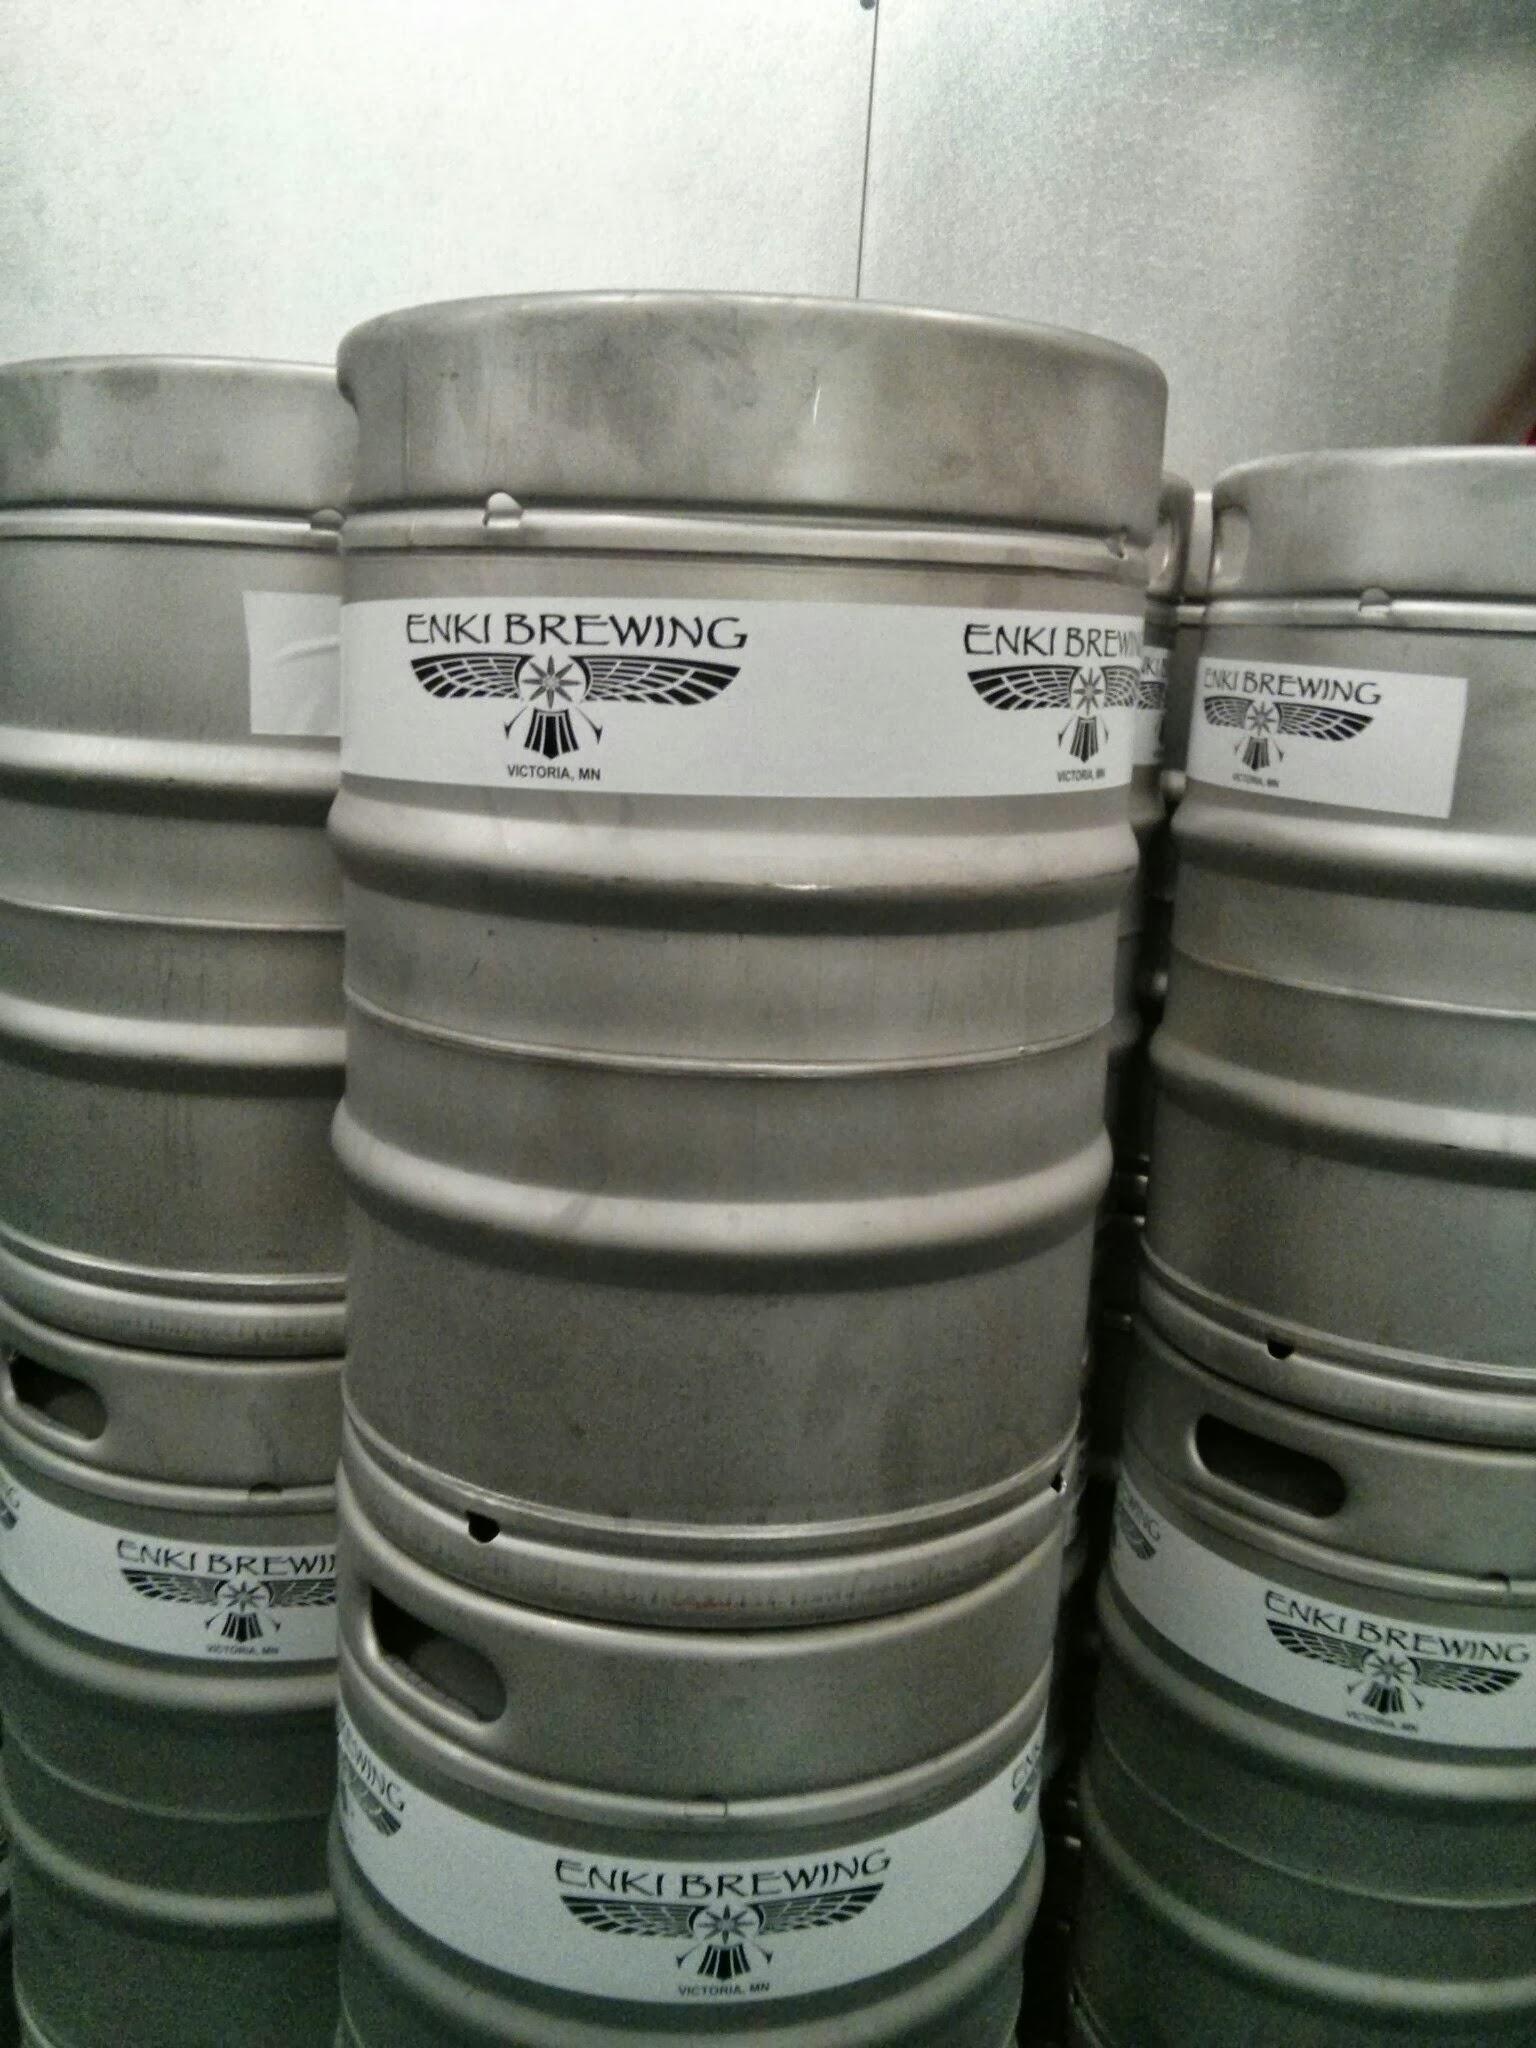 Enki Brewing Kegs